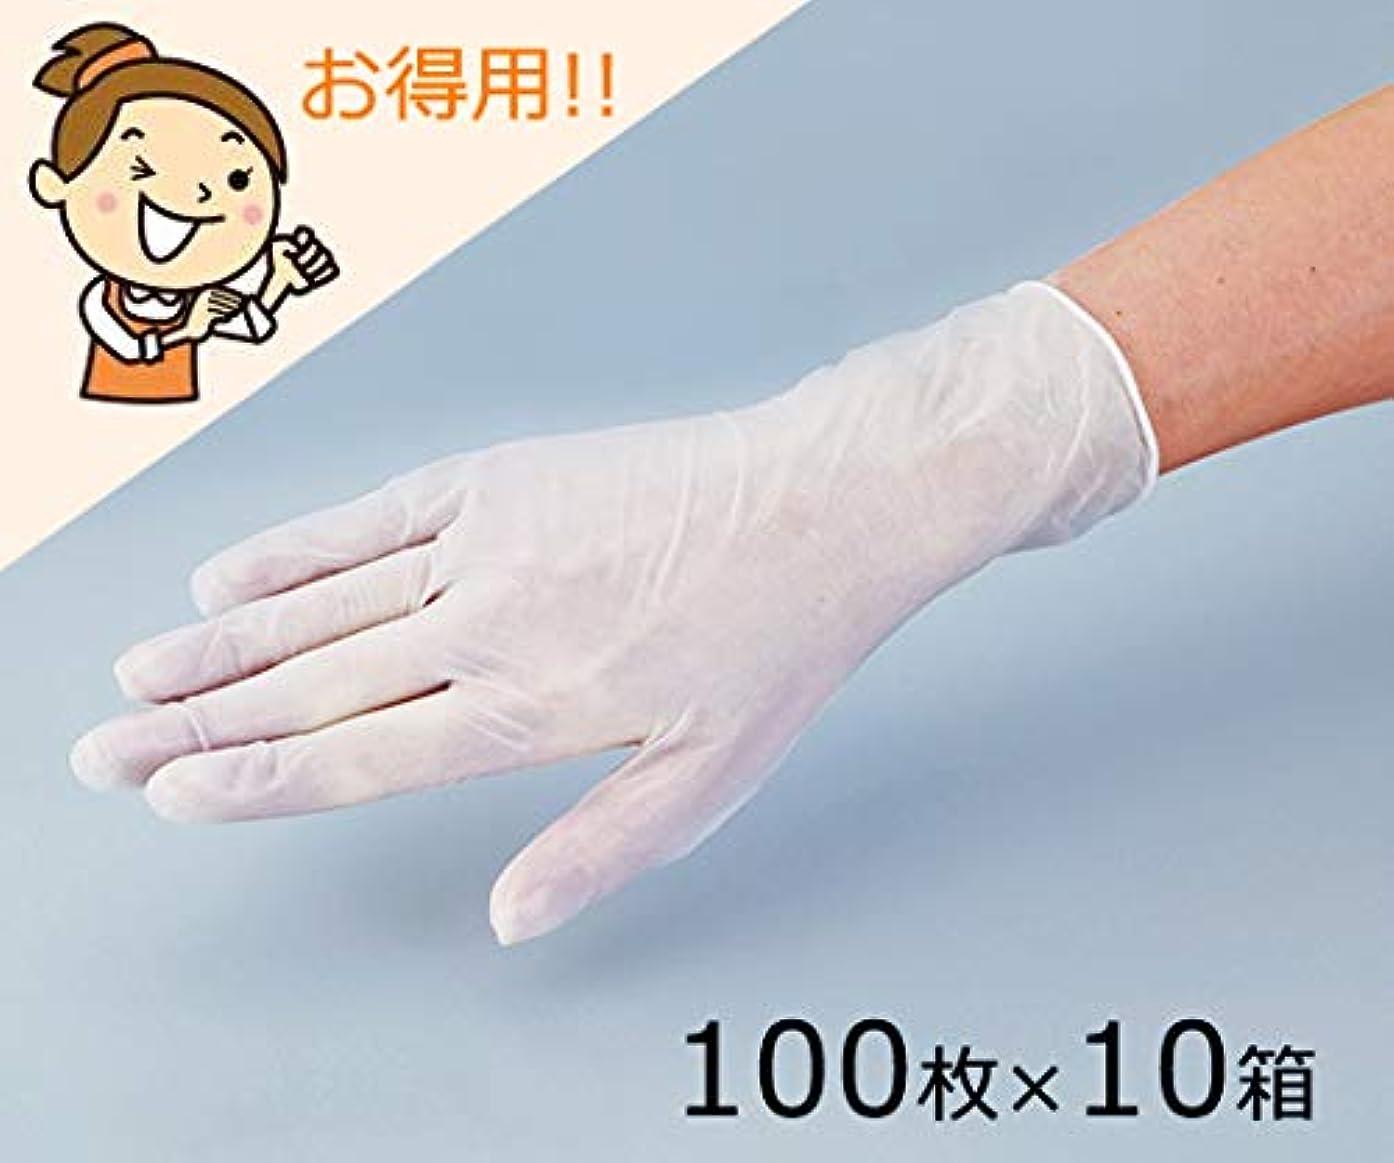 いわゆる植物学者調子アズワン7-2396-11ケアプラスチック手袋(パウダーフリー)L1ケース(100枚/箱×10箱入)